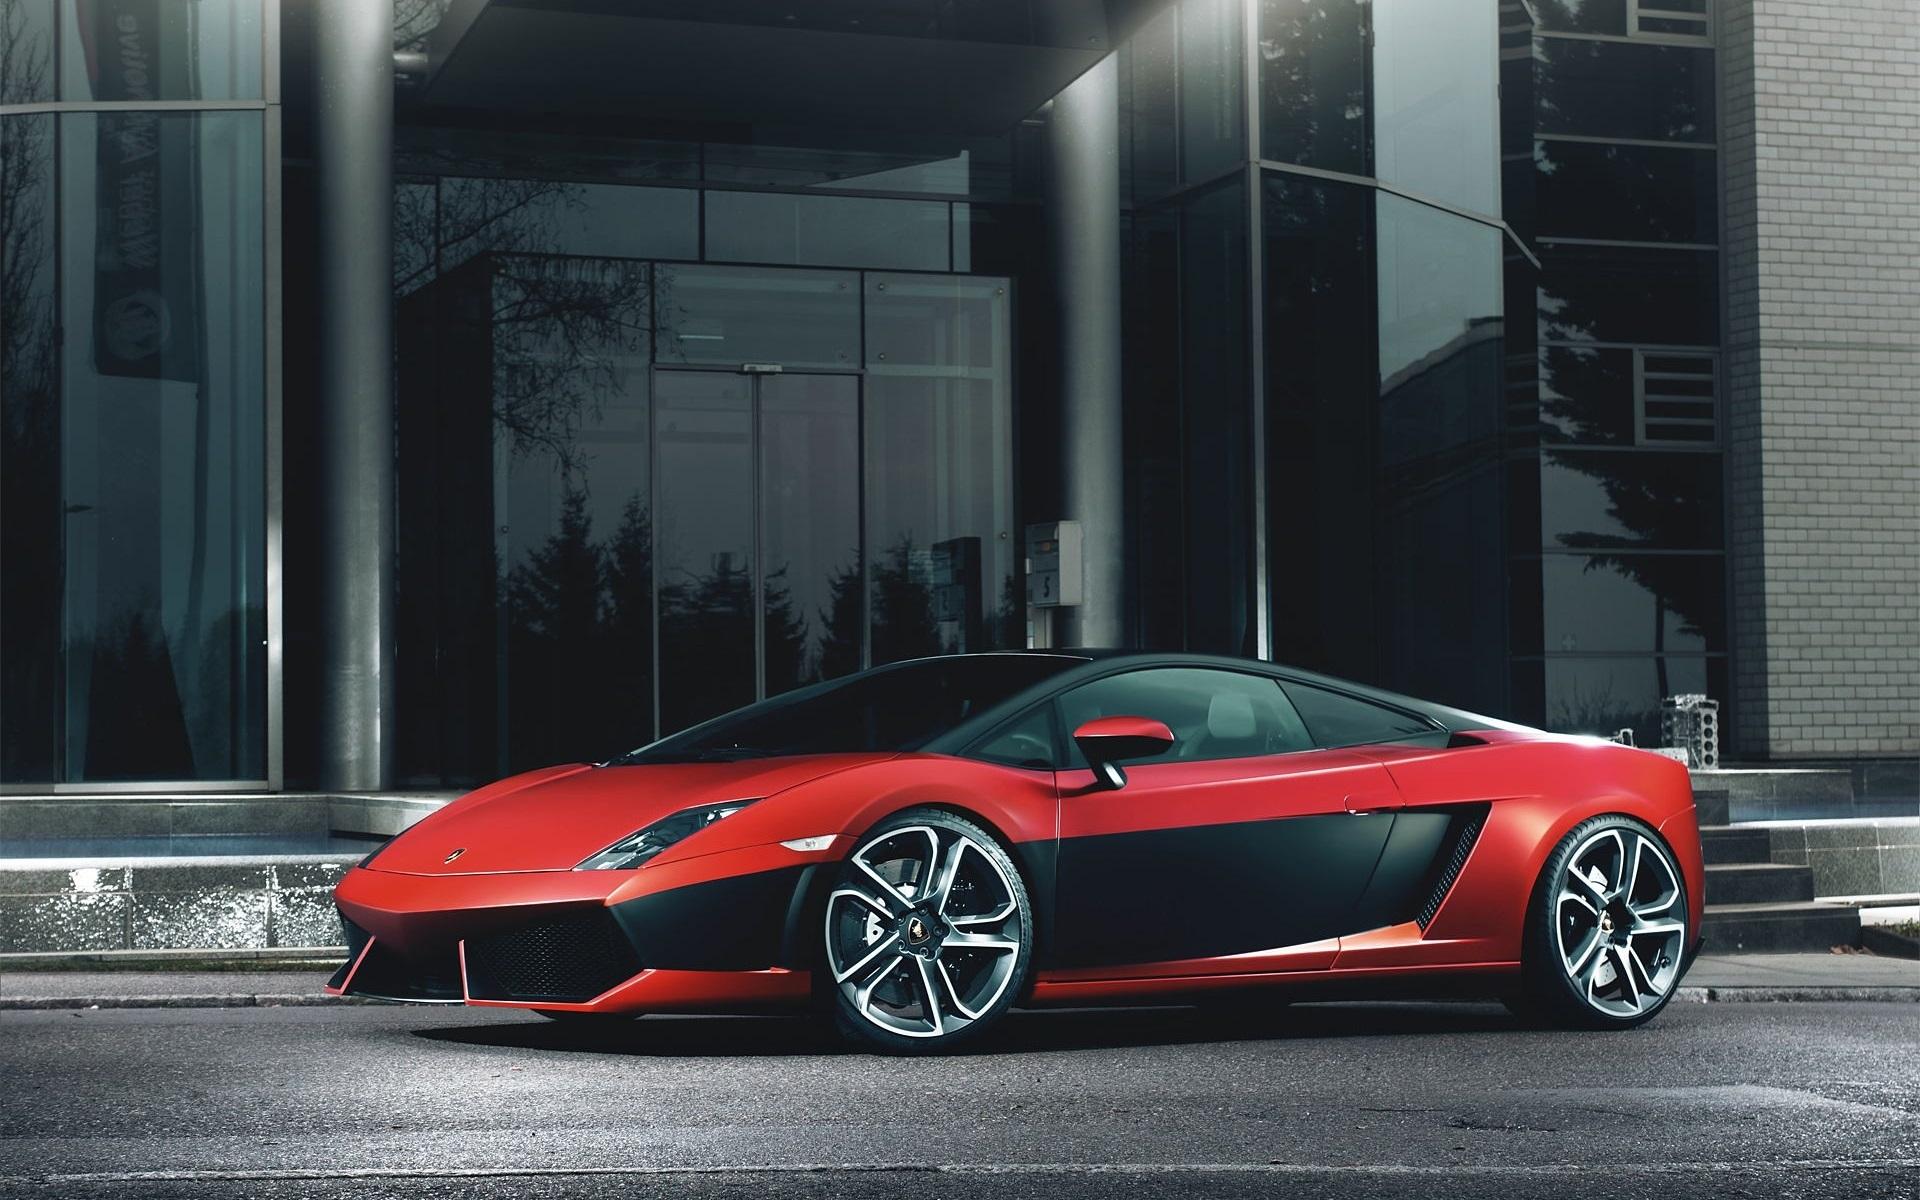 壁紙 ランボルギーニガヤルドlp560 4赤黒スーパーカー 1920x1200 Hd